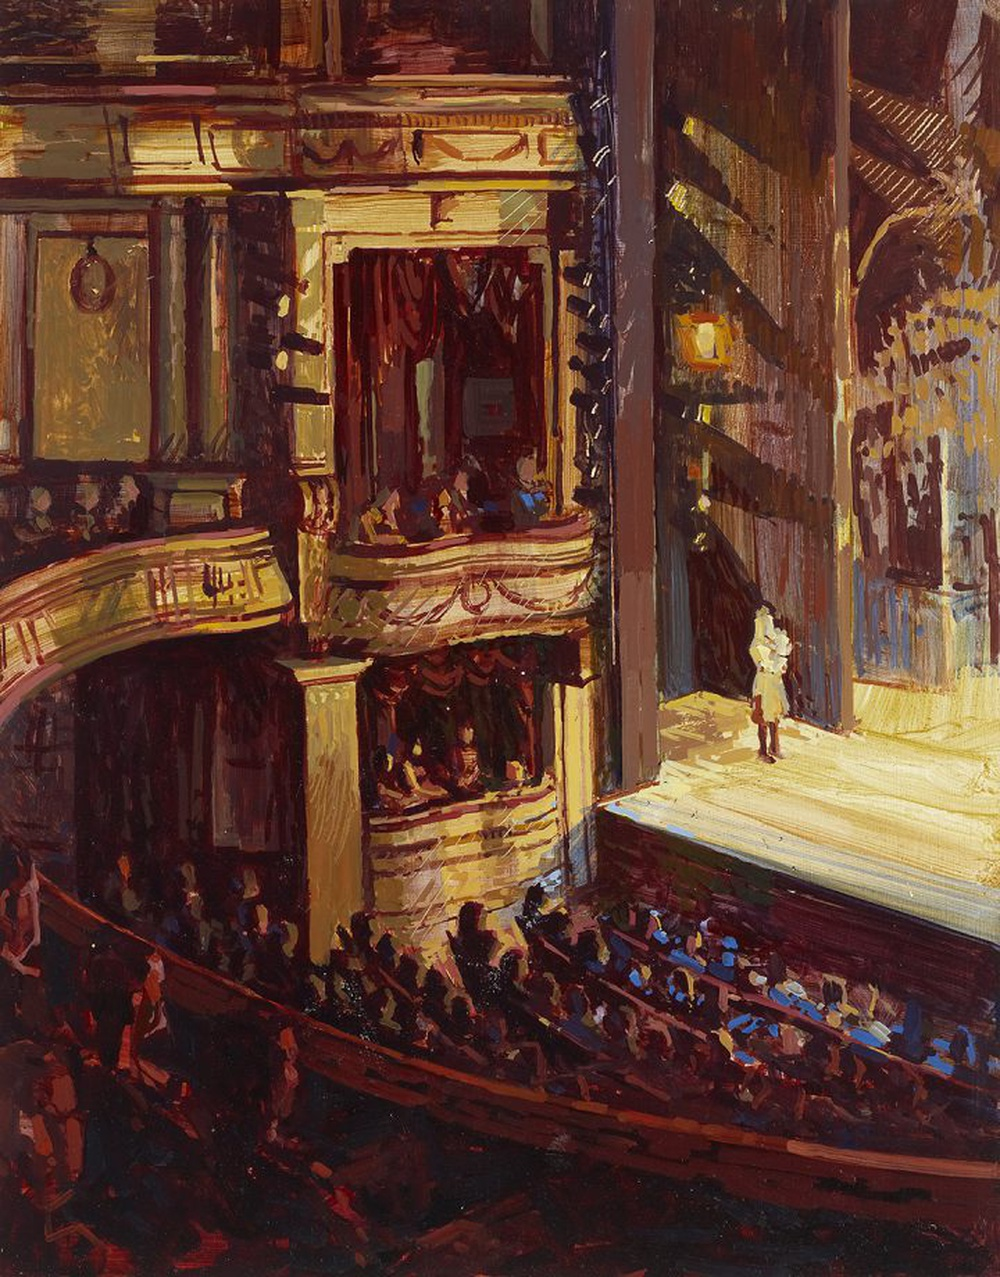 Le vrai plaisir du théâtre, c'est de savoir qu'à tout moment, quelque chose peut mal tourner